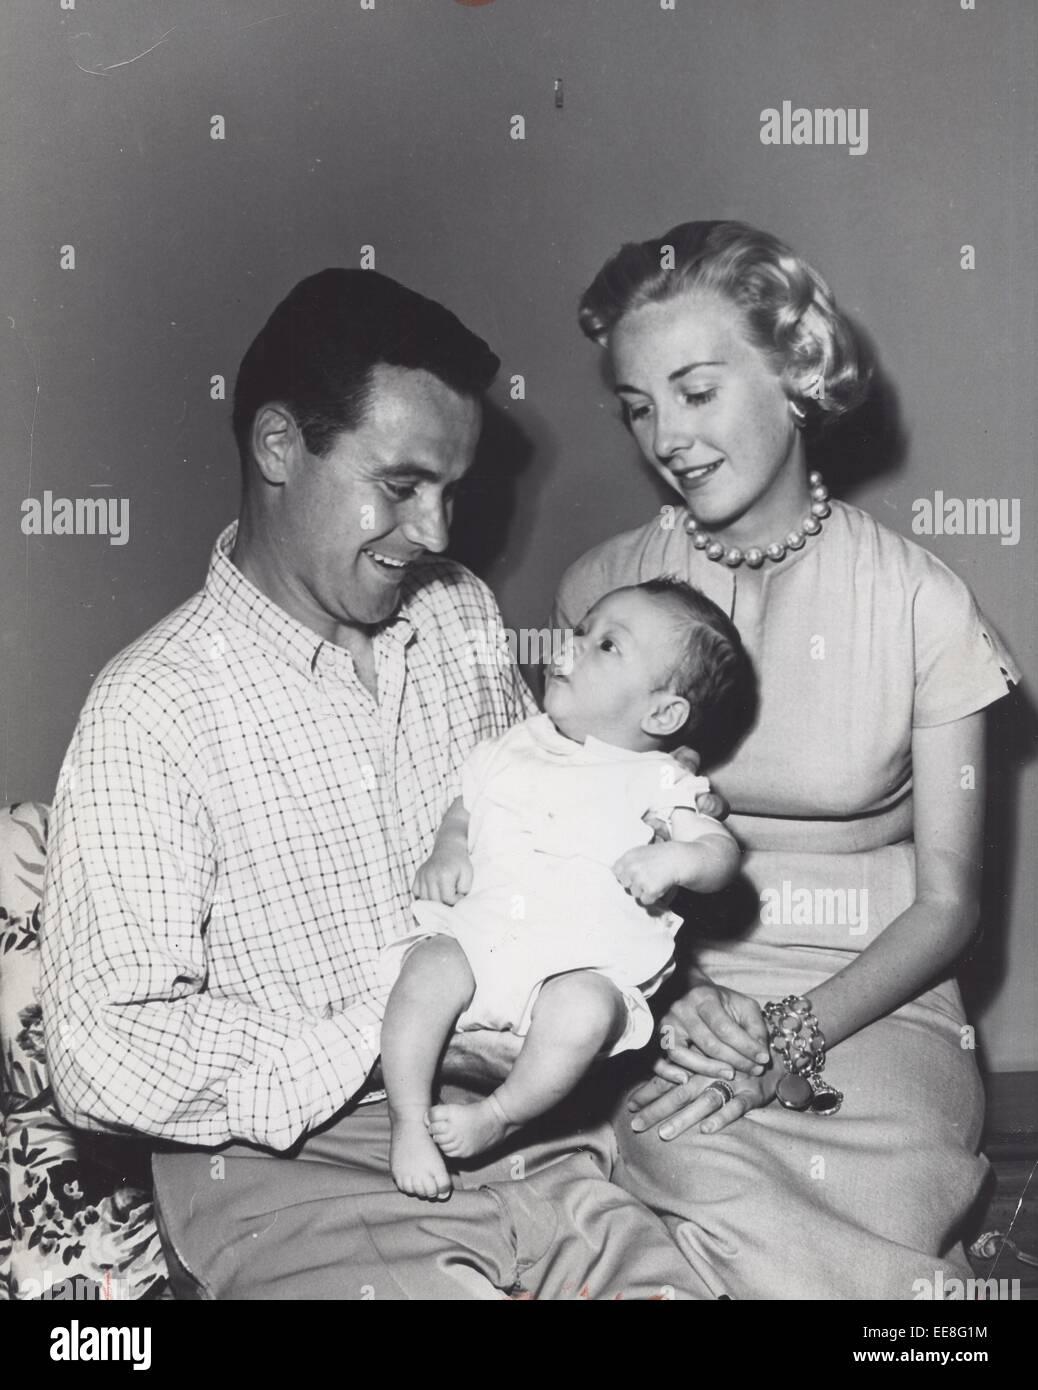 Джек леммон фото с детьми